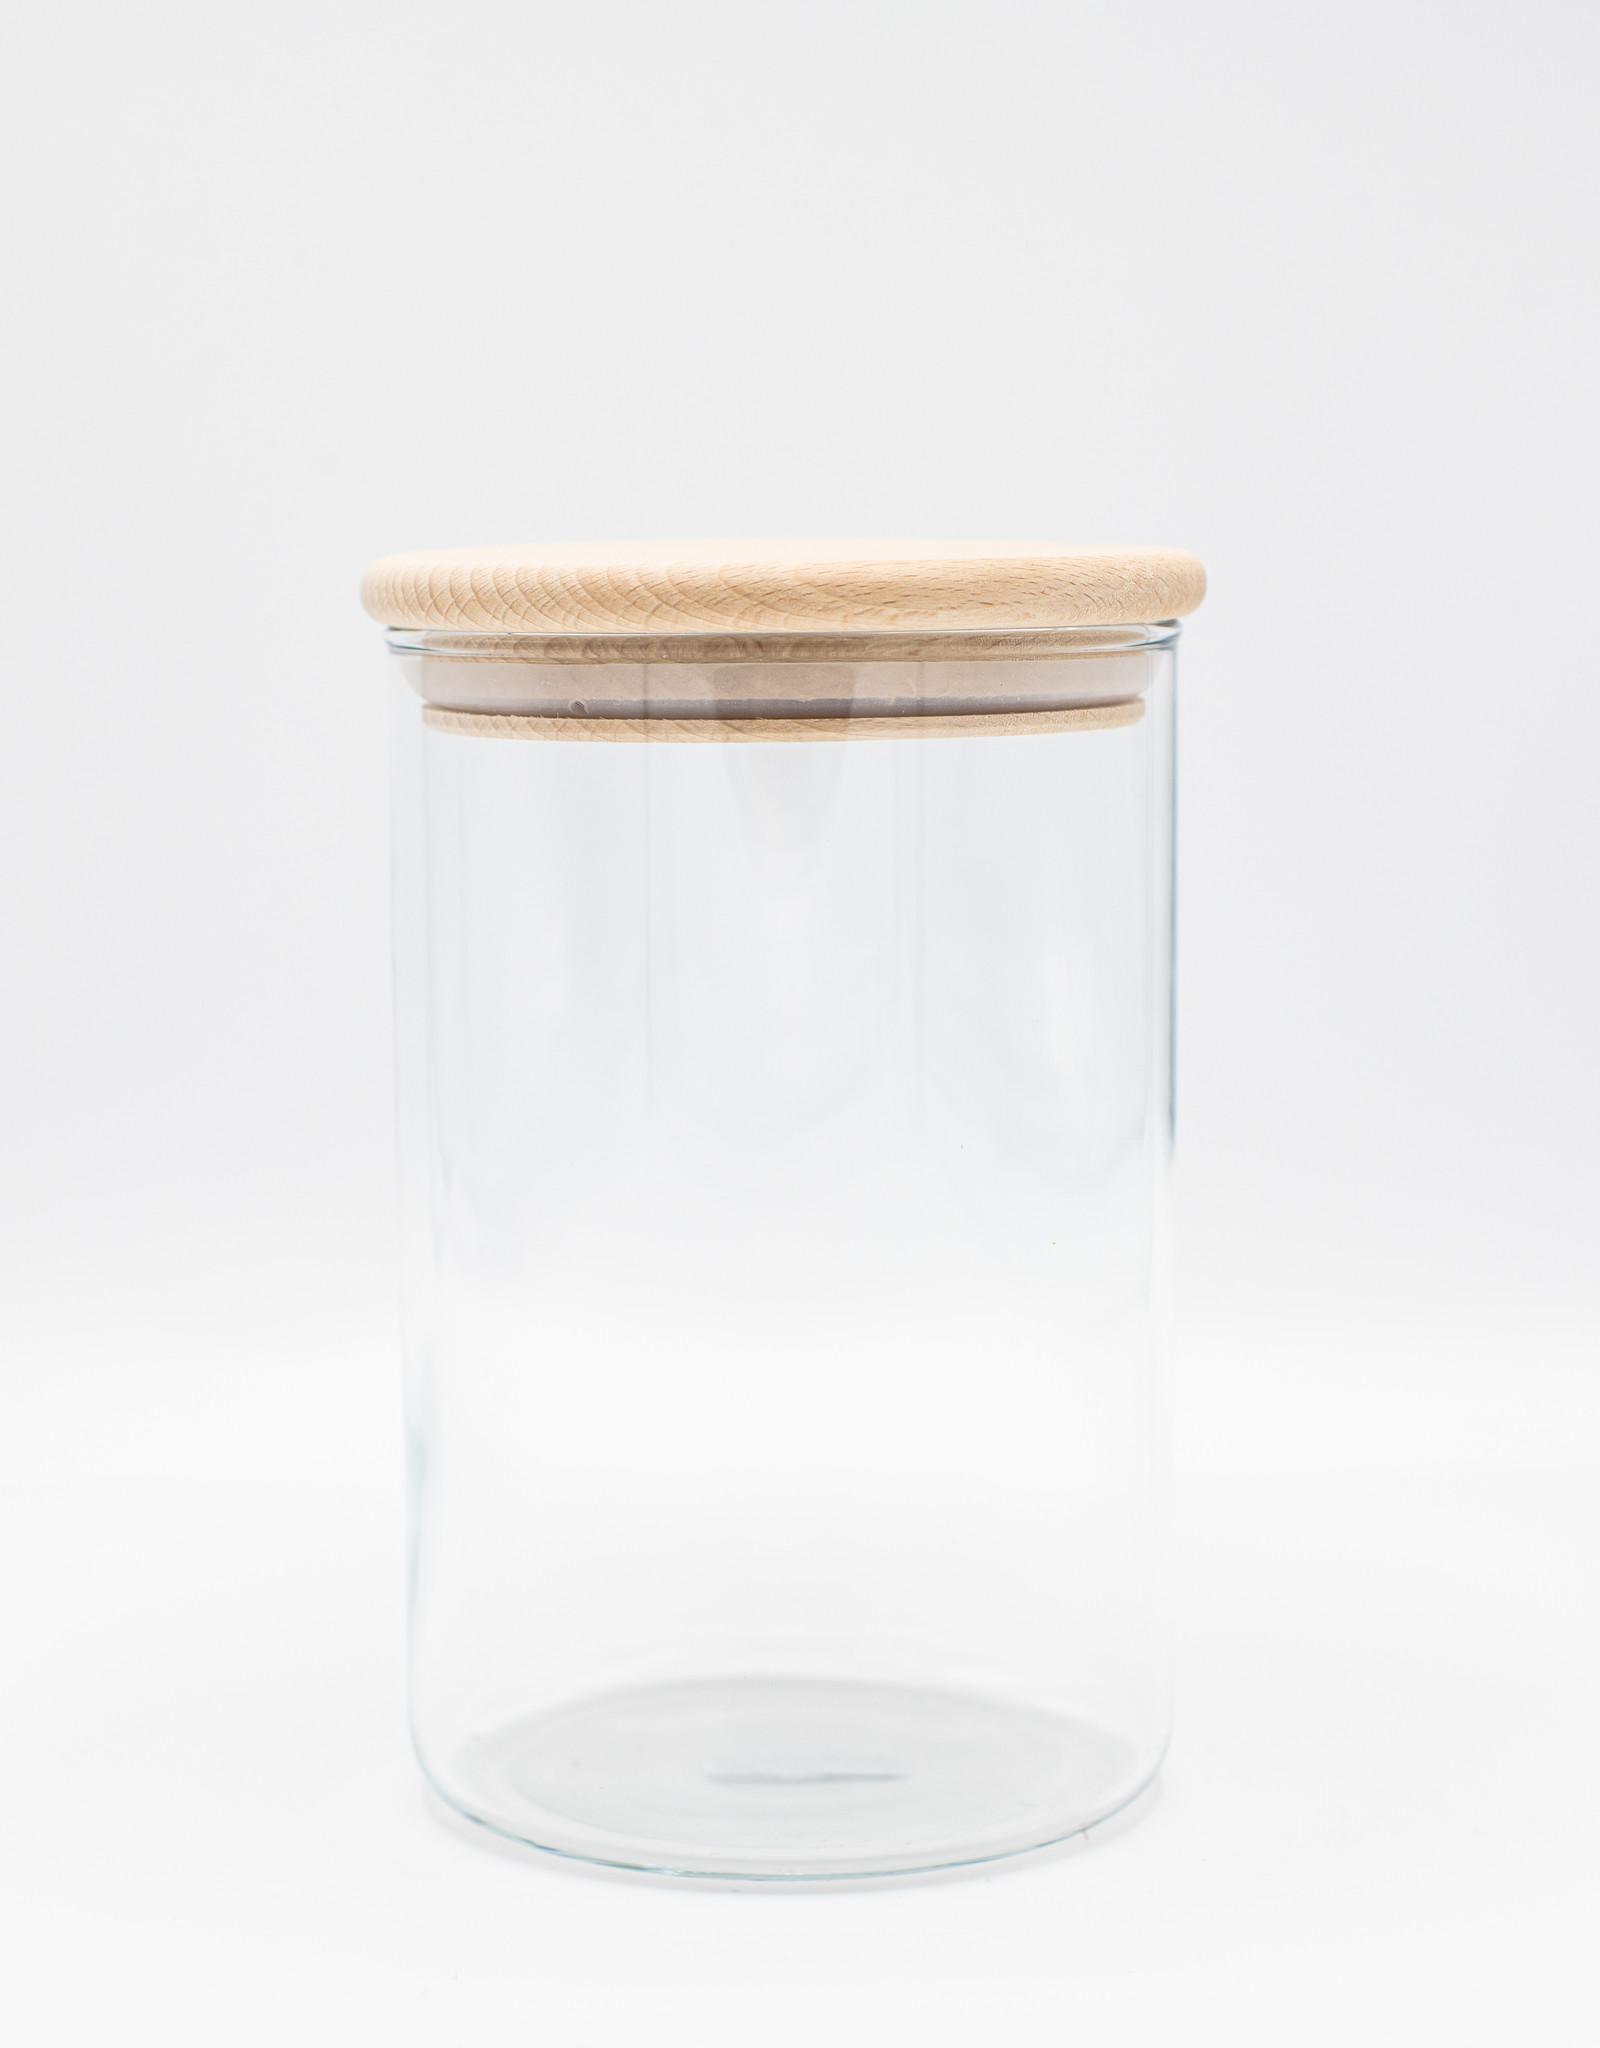 Ecodis Container